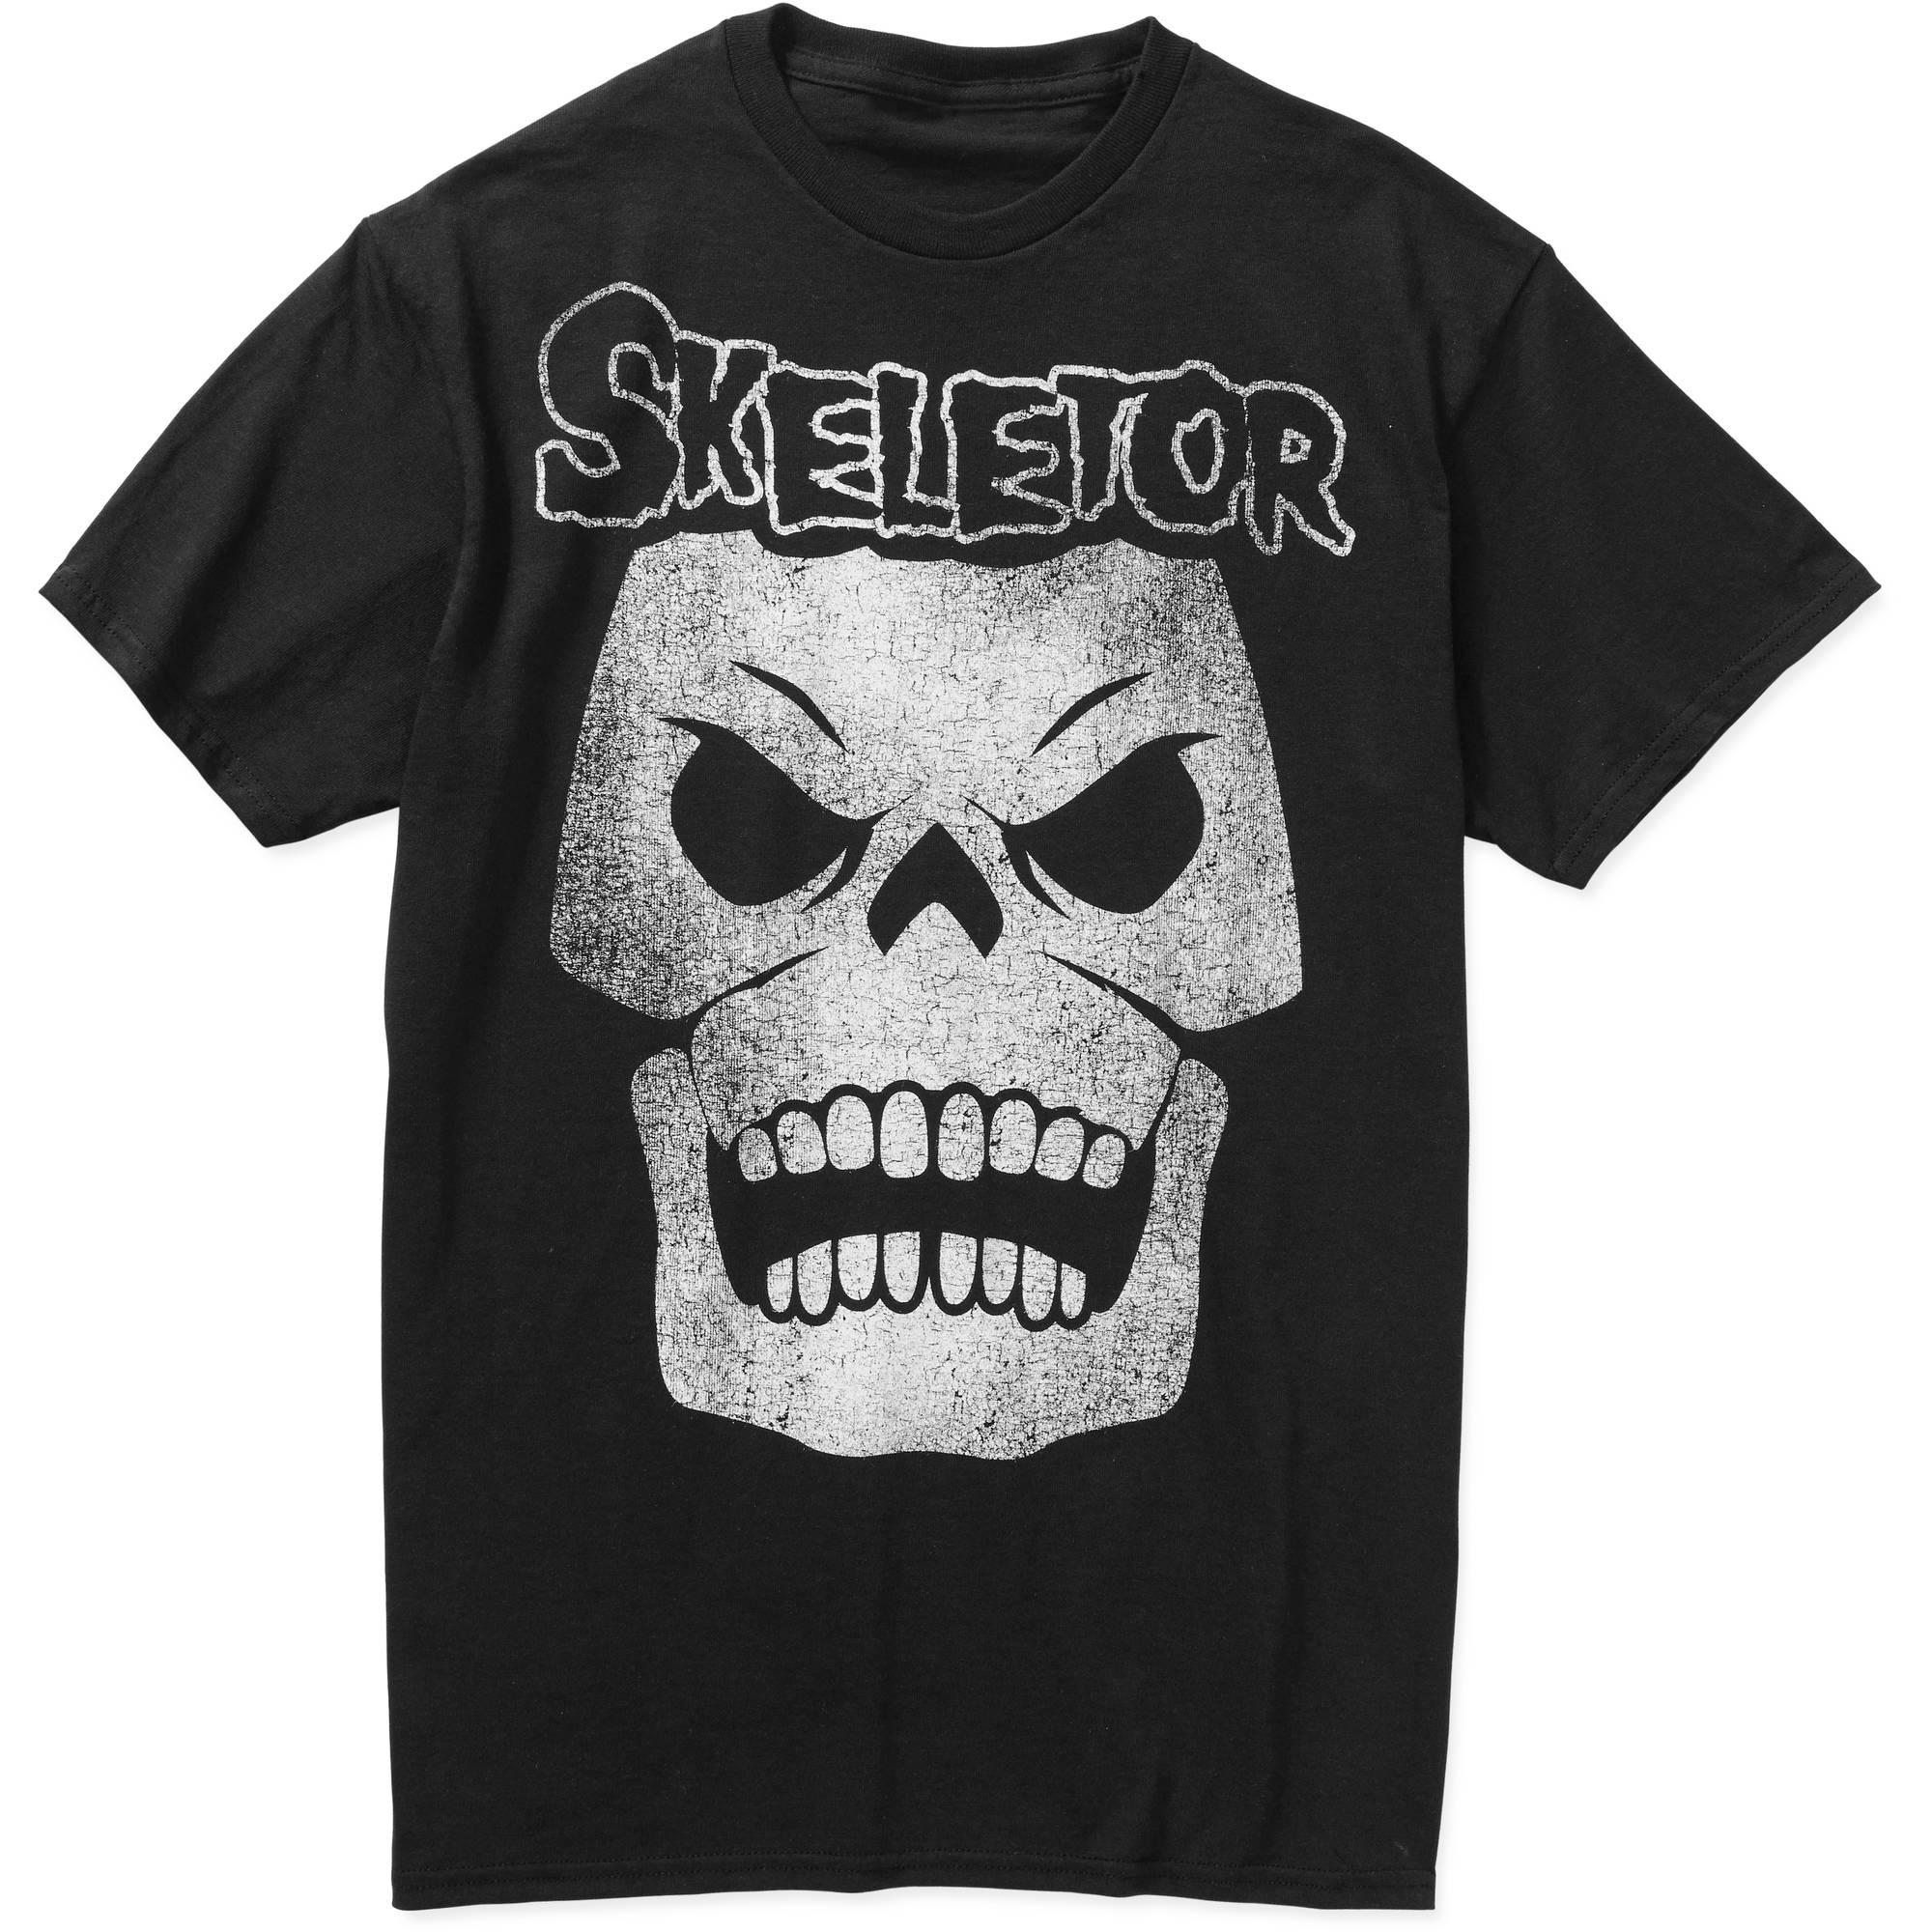 Skeletor Black & White Men's Graphic Tee